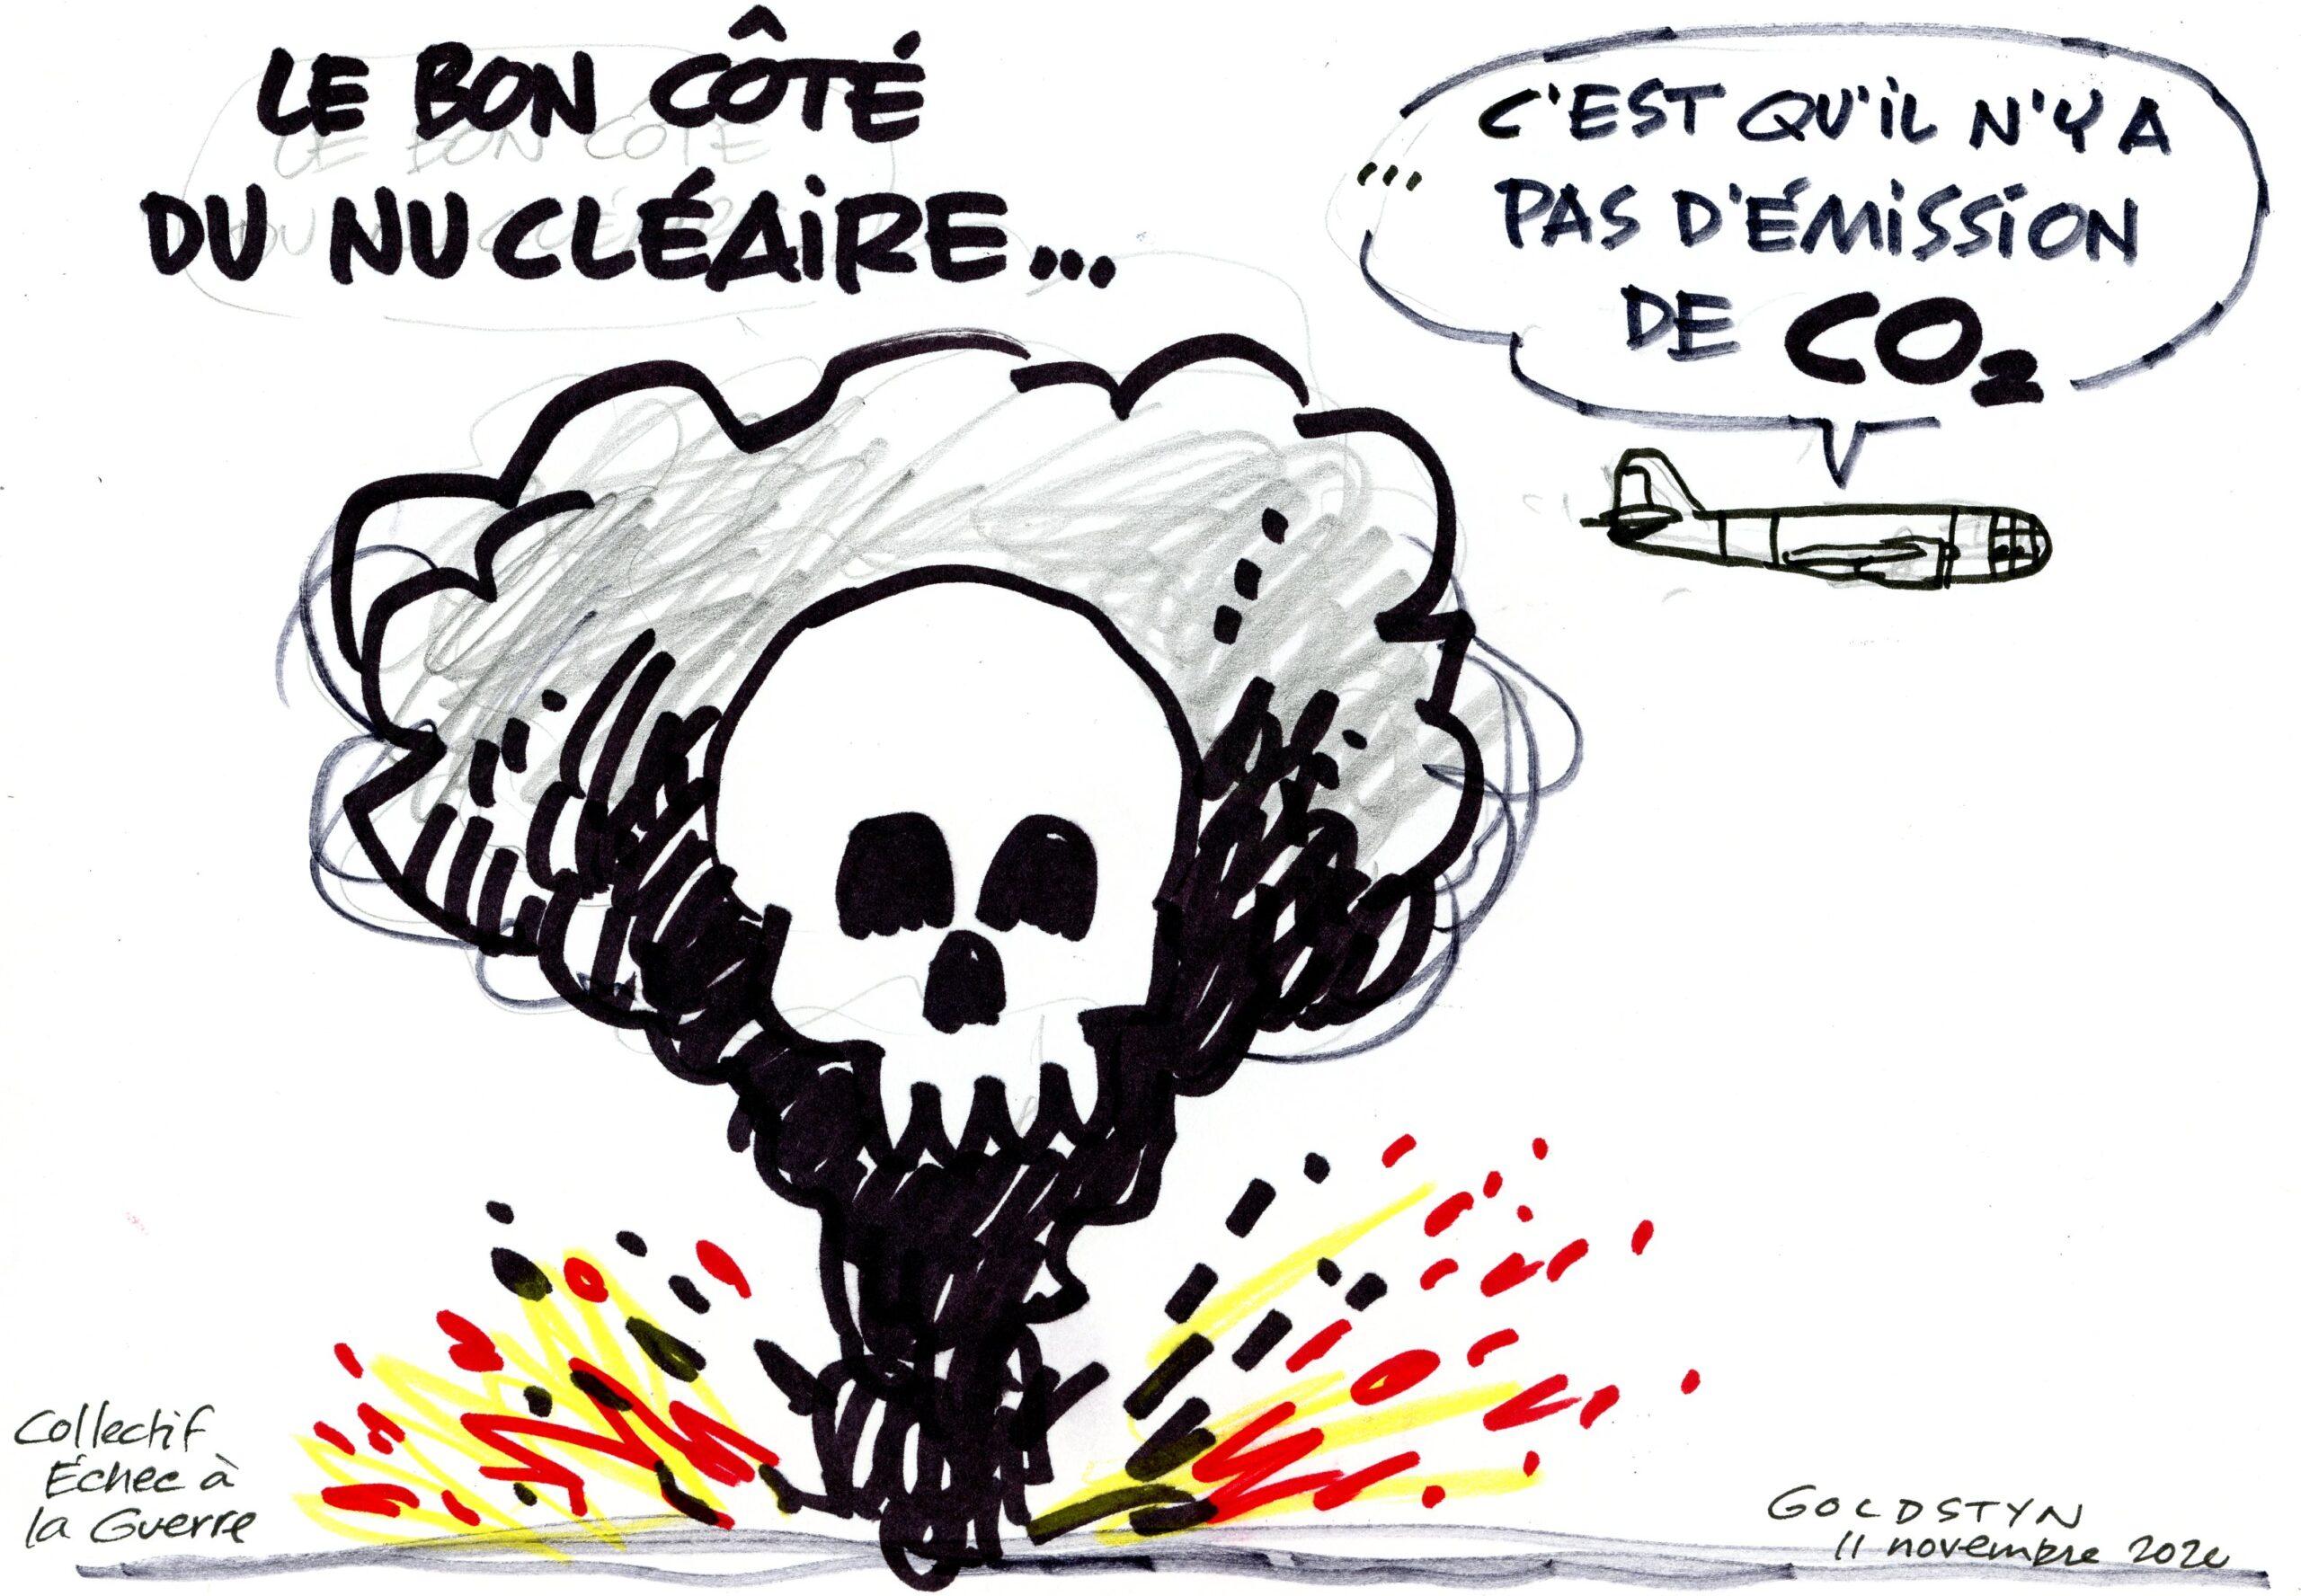 Nucléaire ... pas d′émission de CO2? Jacques Goldstyn 11-11-2020